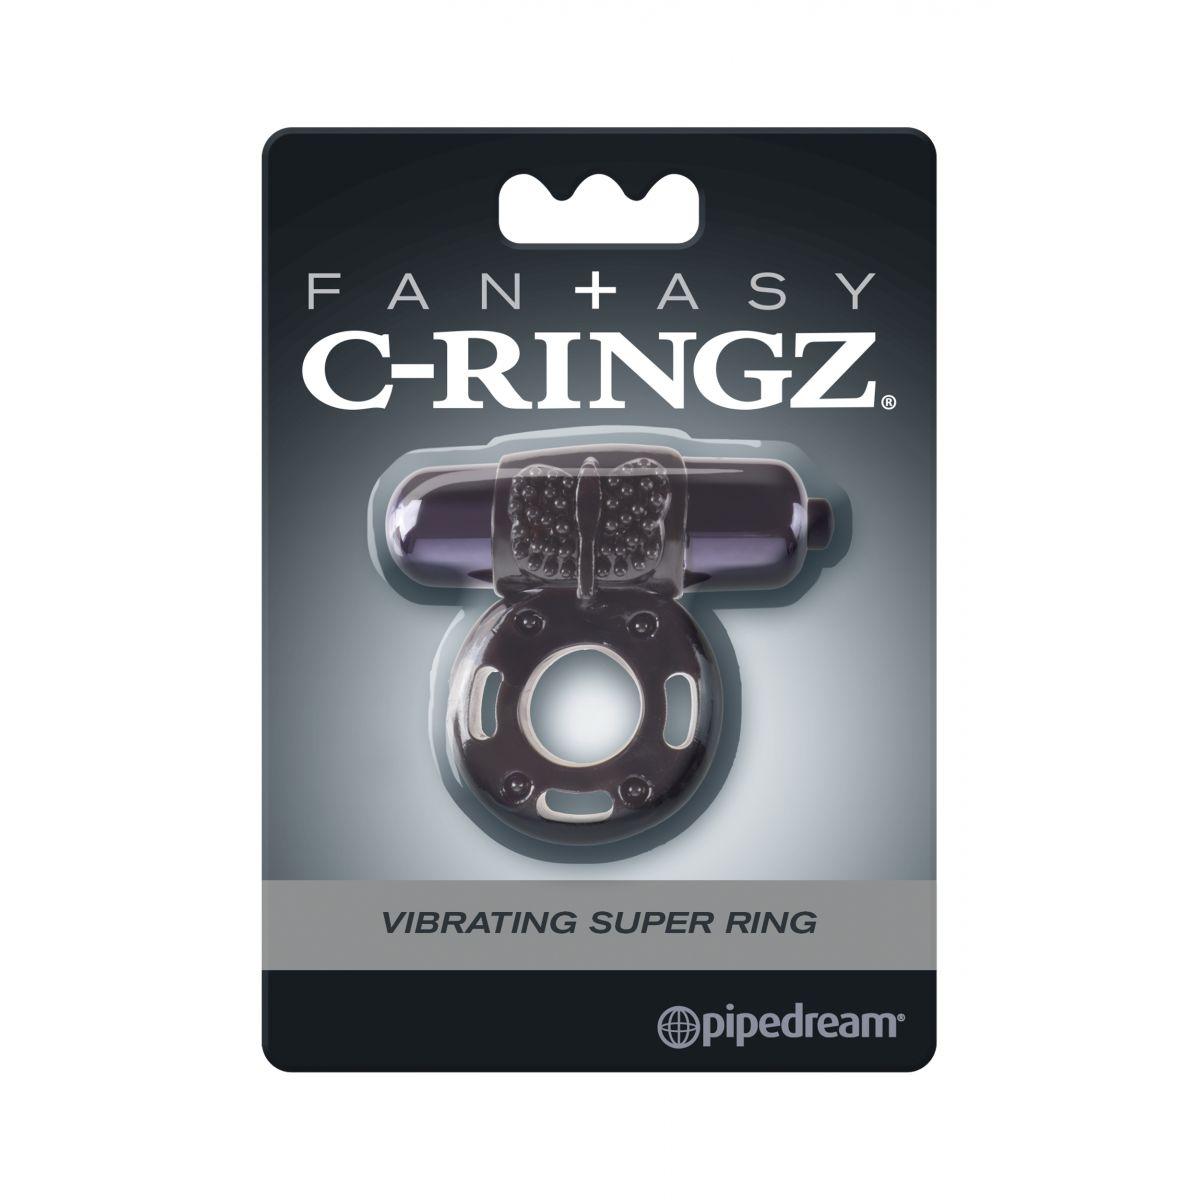 Эрекционное кольцо с вибрацией Fantasy C-Ringz Vibrating Super Ring черного цвета